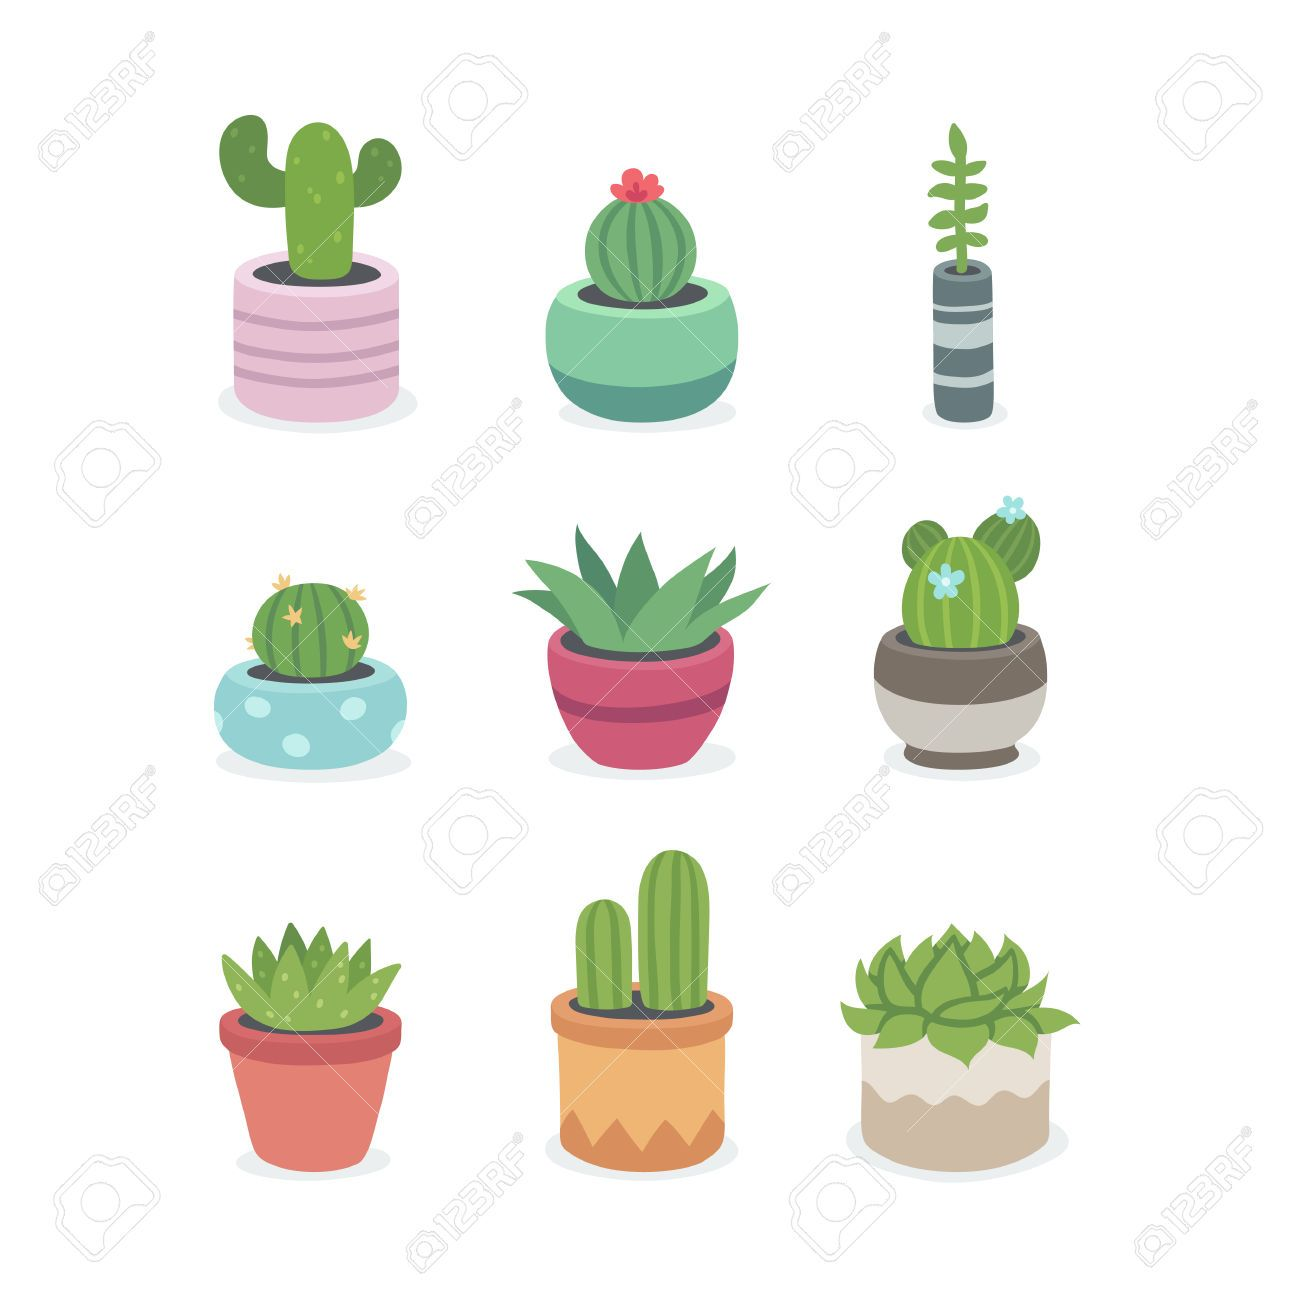 Cactus y suculentas en macetas ilustraci n conjunto de - Cactus en macetas pequenas ...